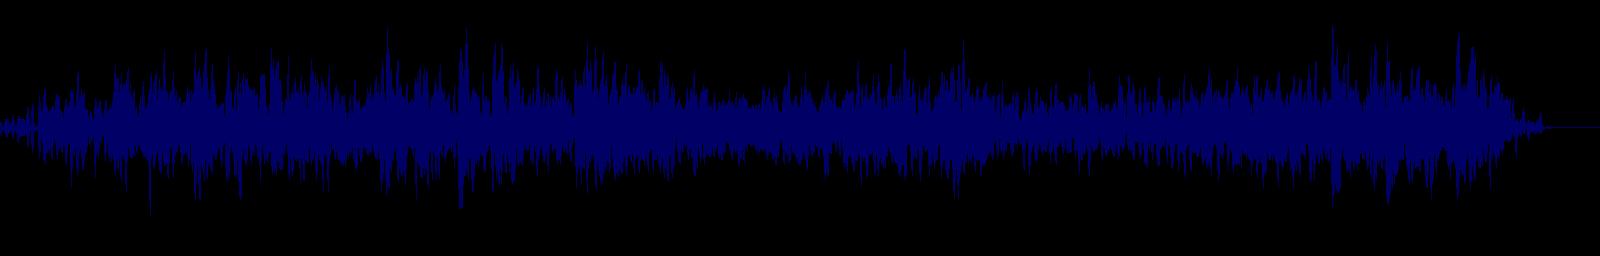 waveform of track #136542